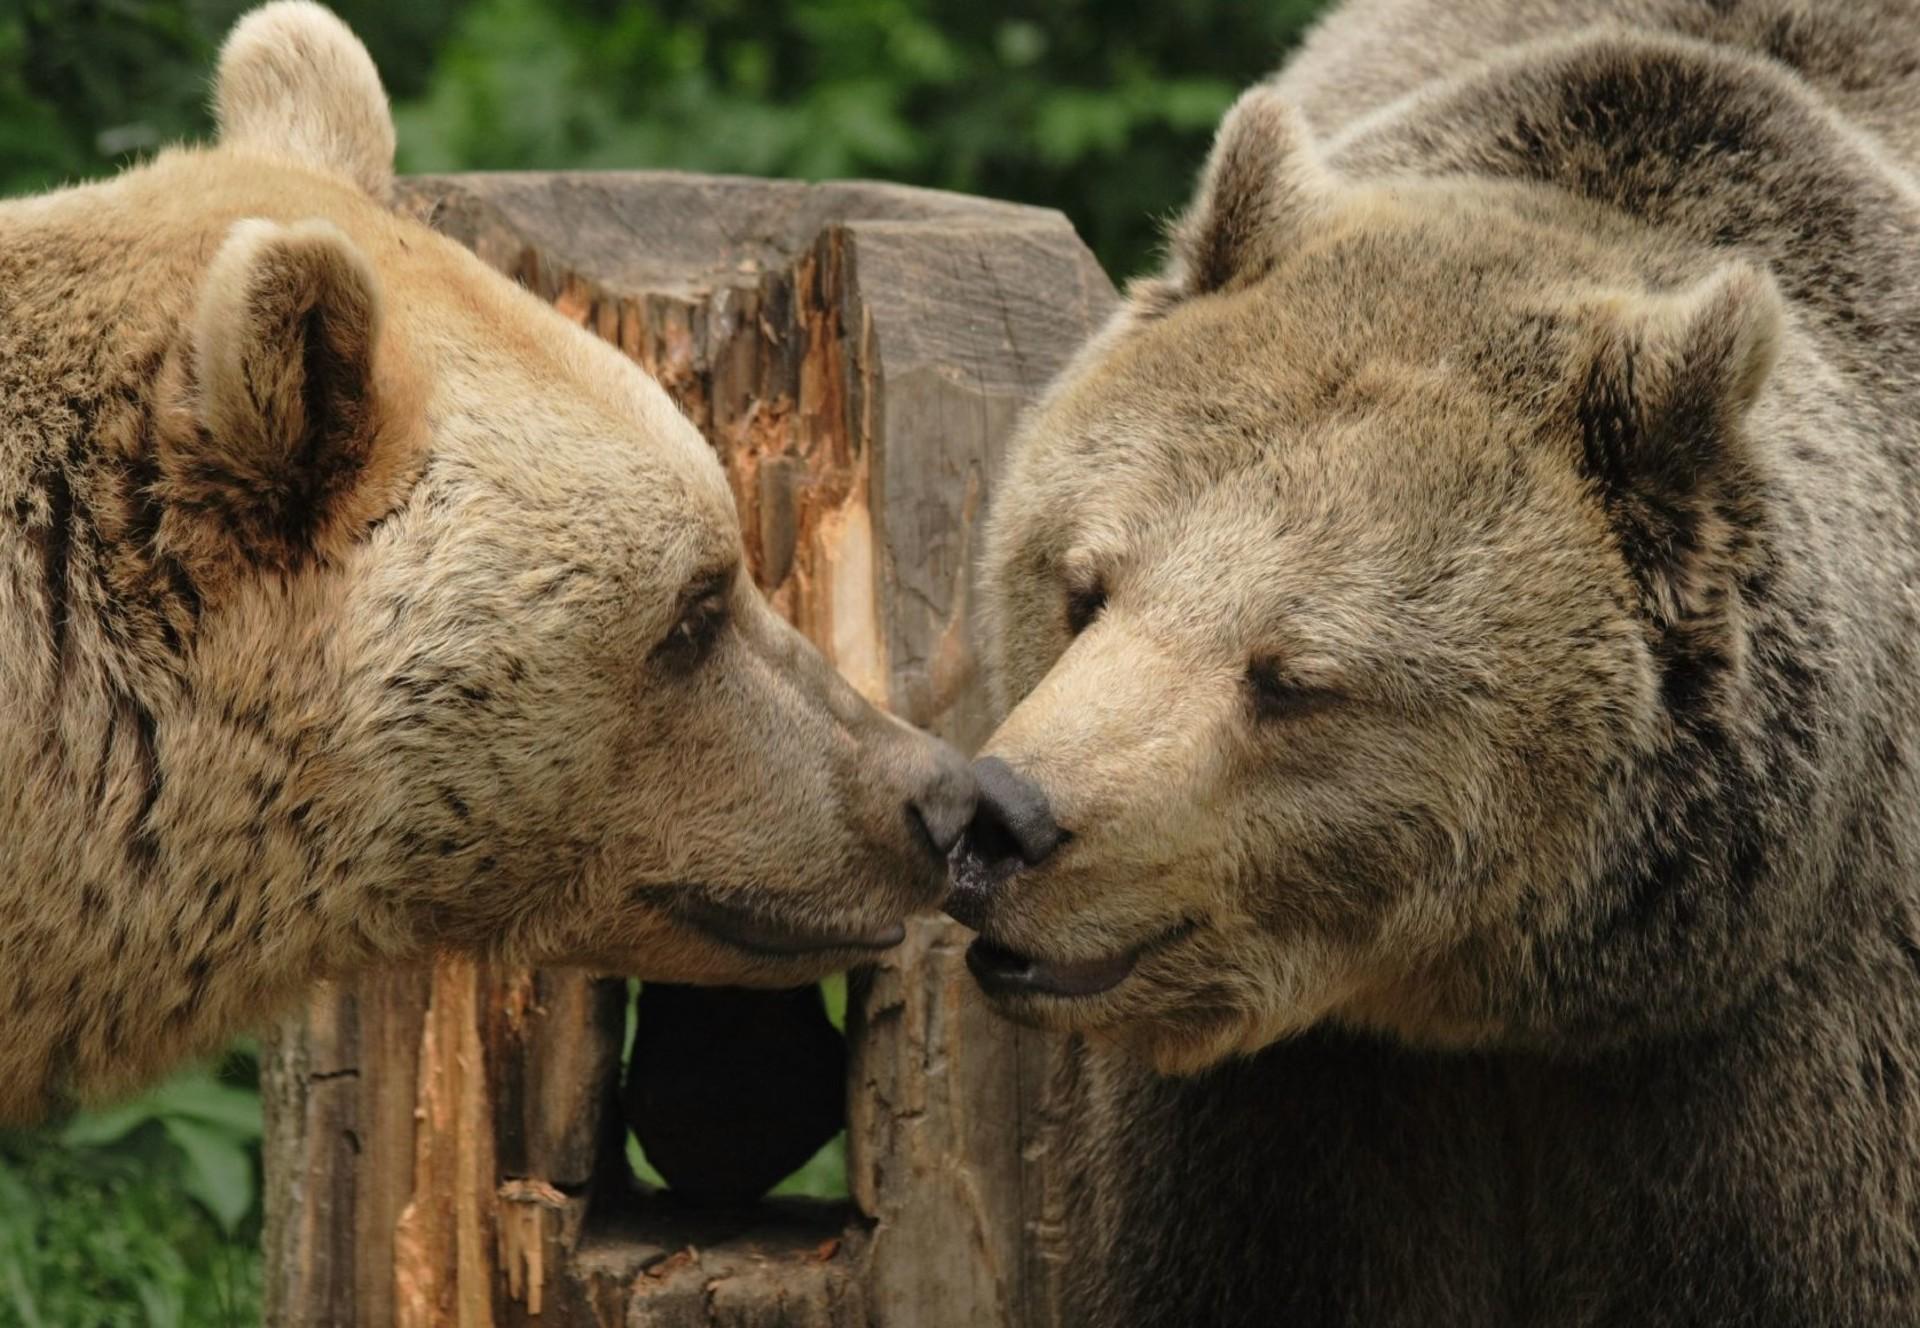 Bären im Bärenwald Arbesbach